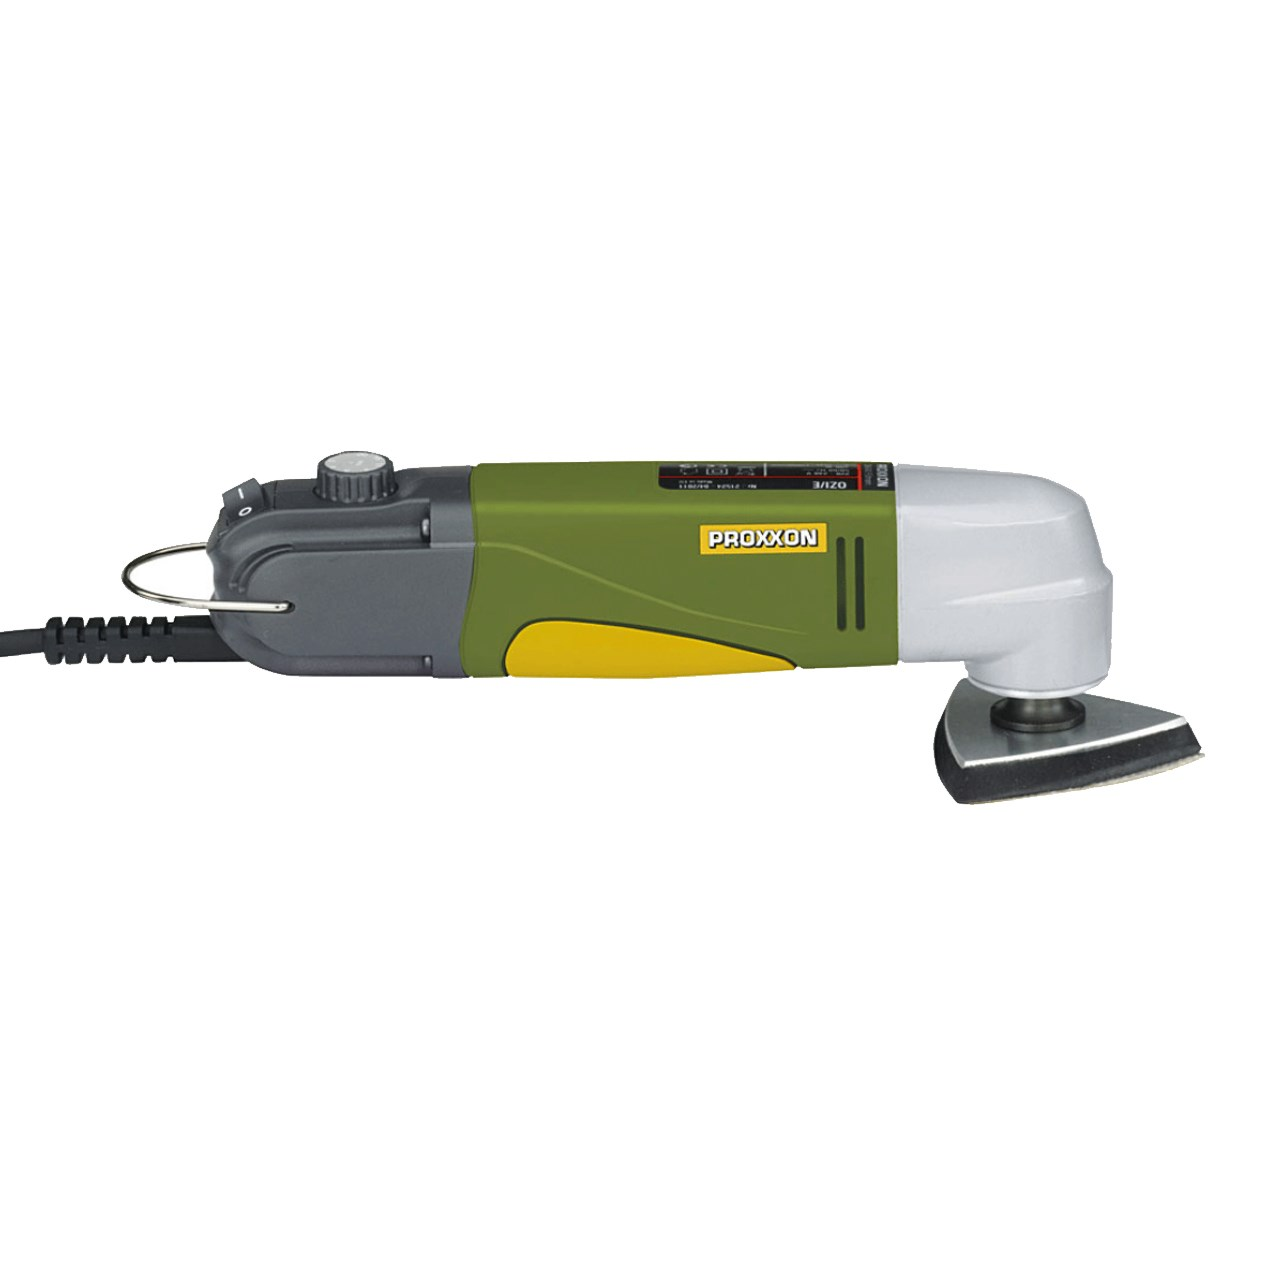 دستگاه سنباده زن  پروکسون مدل28520